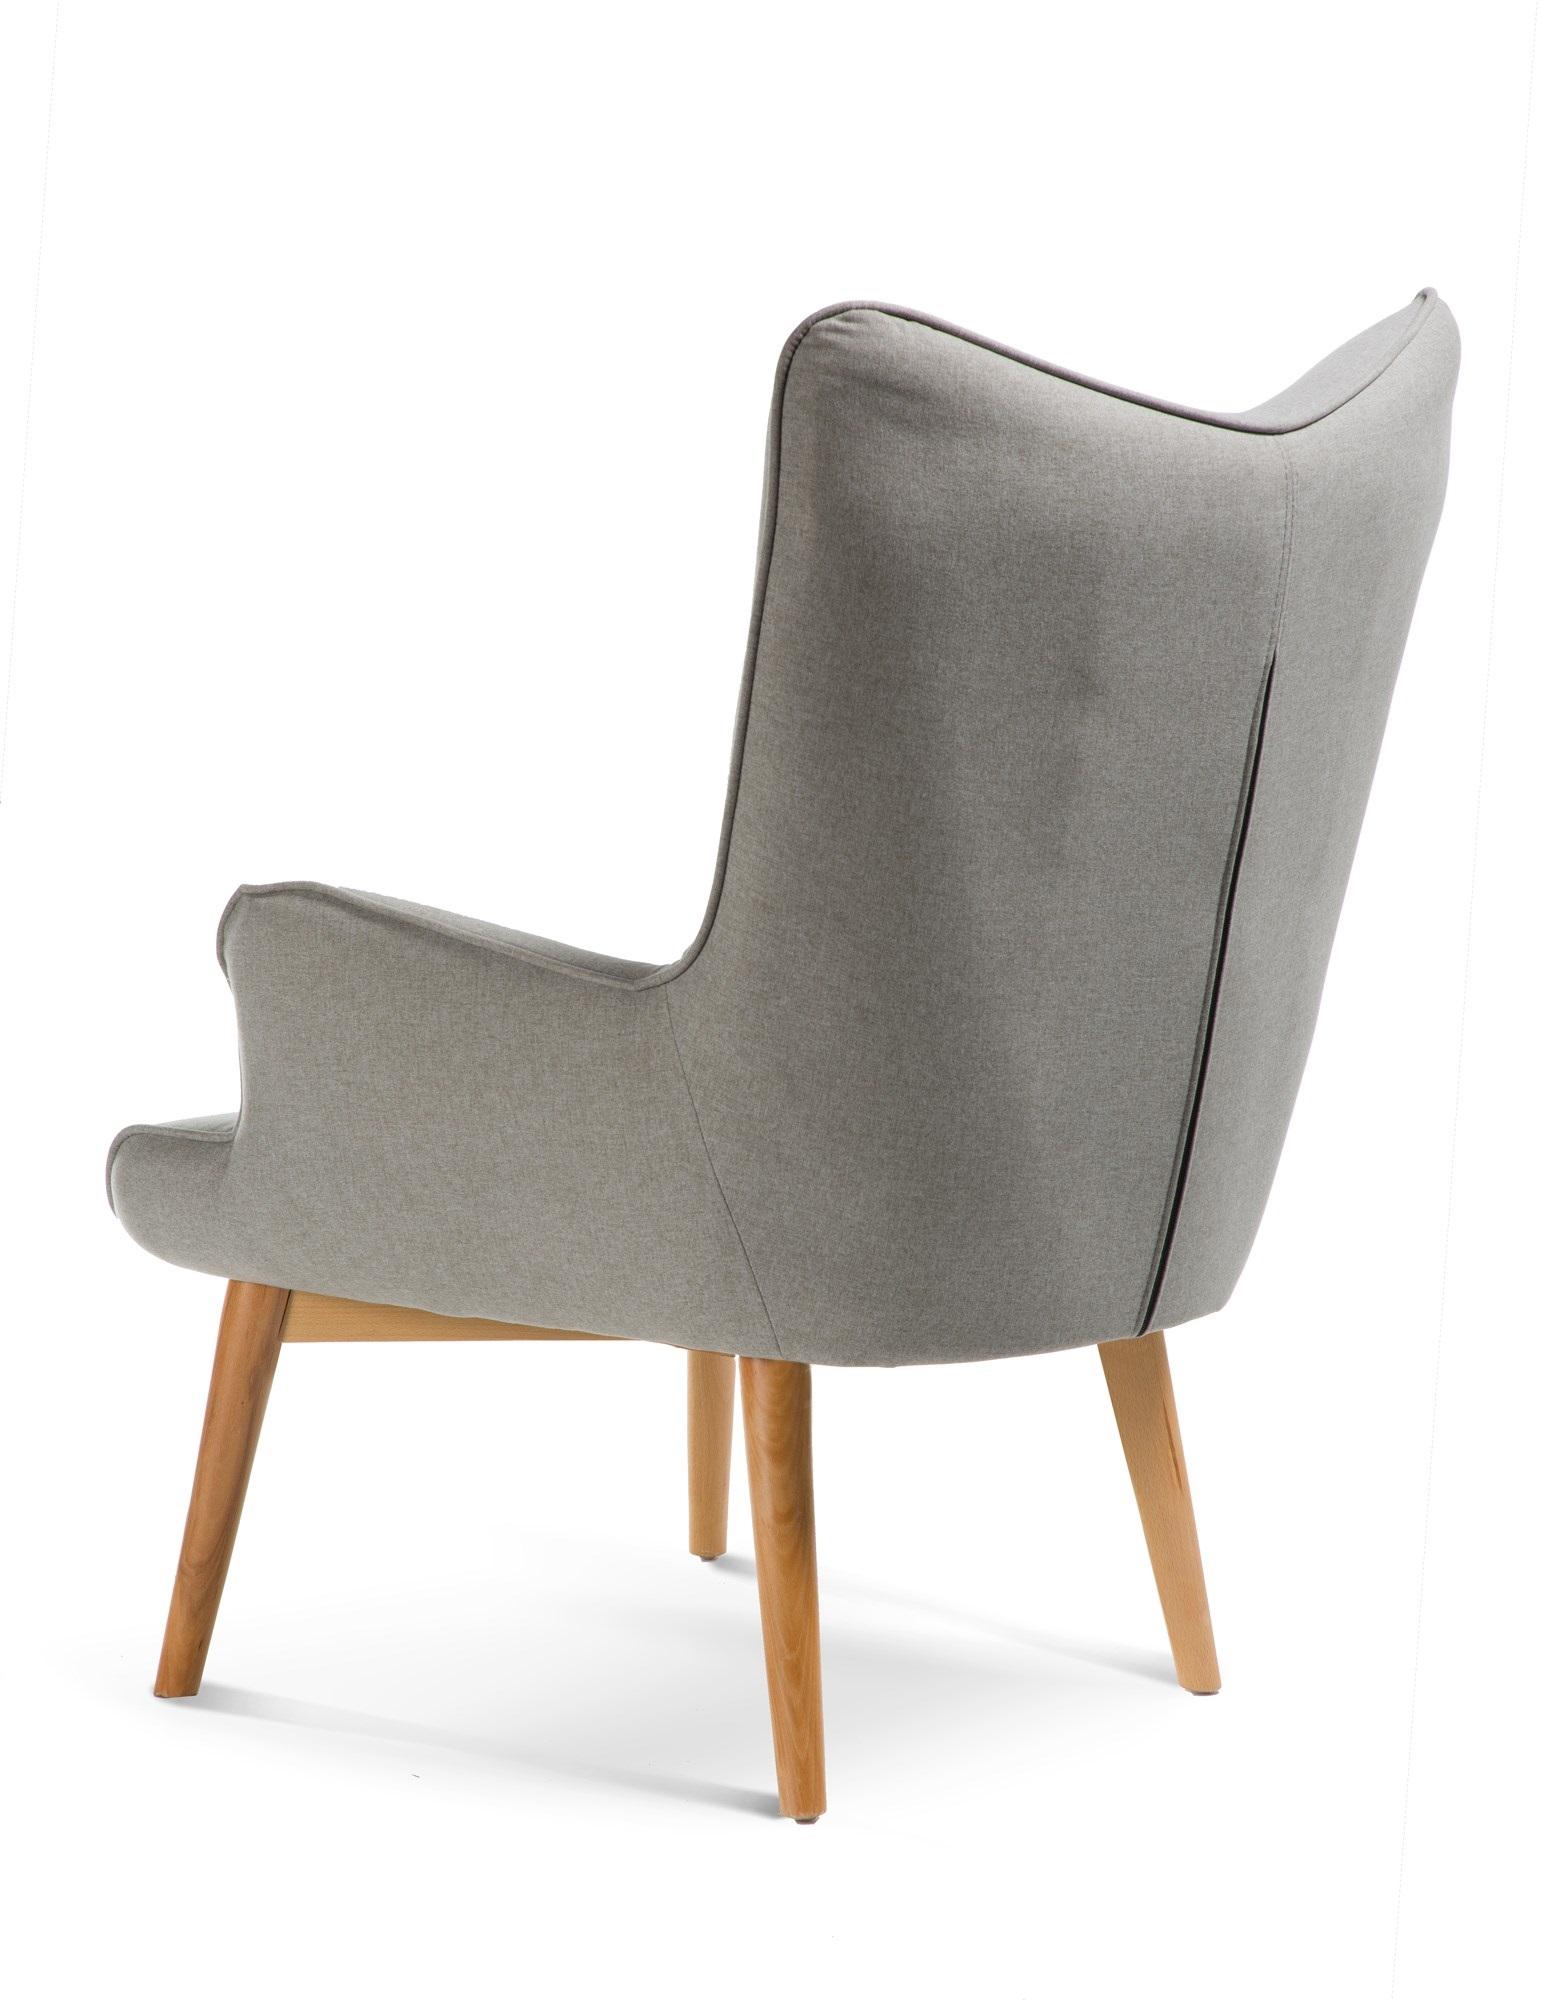 כורסה מודרנית בעלת שלדת עץ אורן ריפוד בד ומערכת תמיכת ישיבה מתקדמת דגם בסקי ביתילי  - תמונה 4